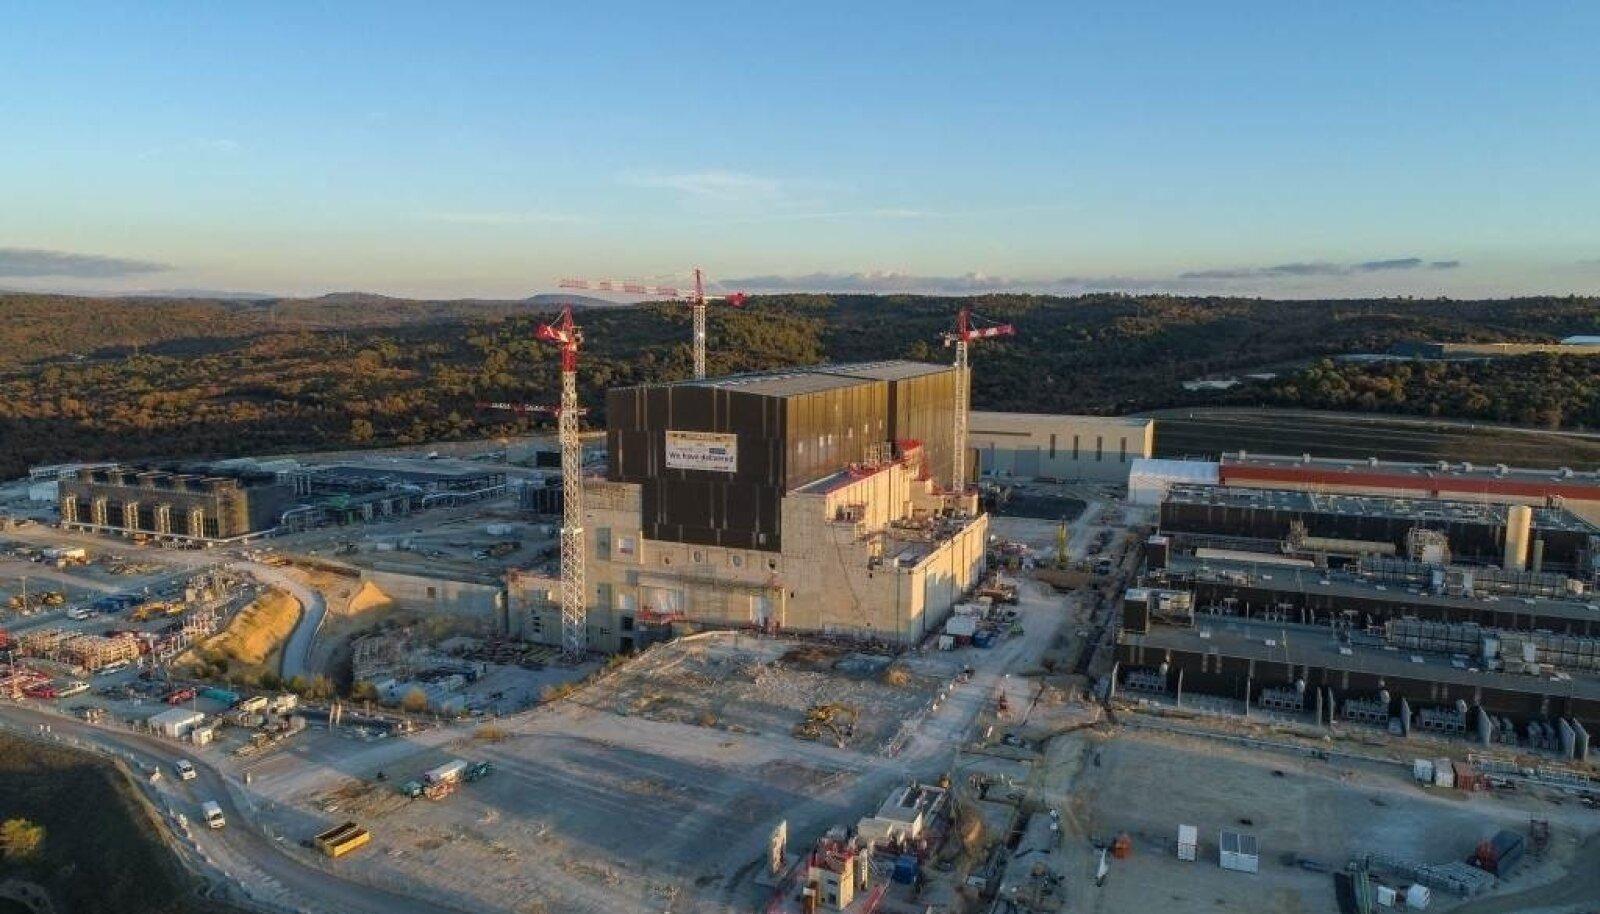 Energeetikas evolutsiooniline reaktor ehitatakse paljude riikide ühise jõupingutusega Lõuna-Prantsusmaale.